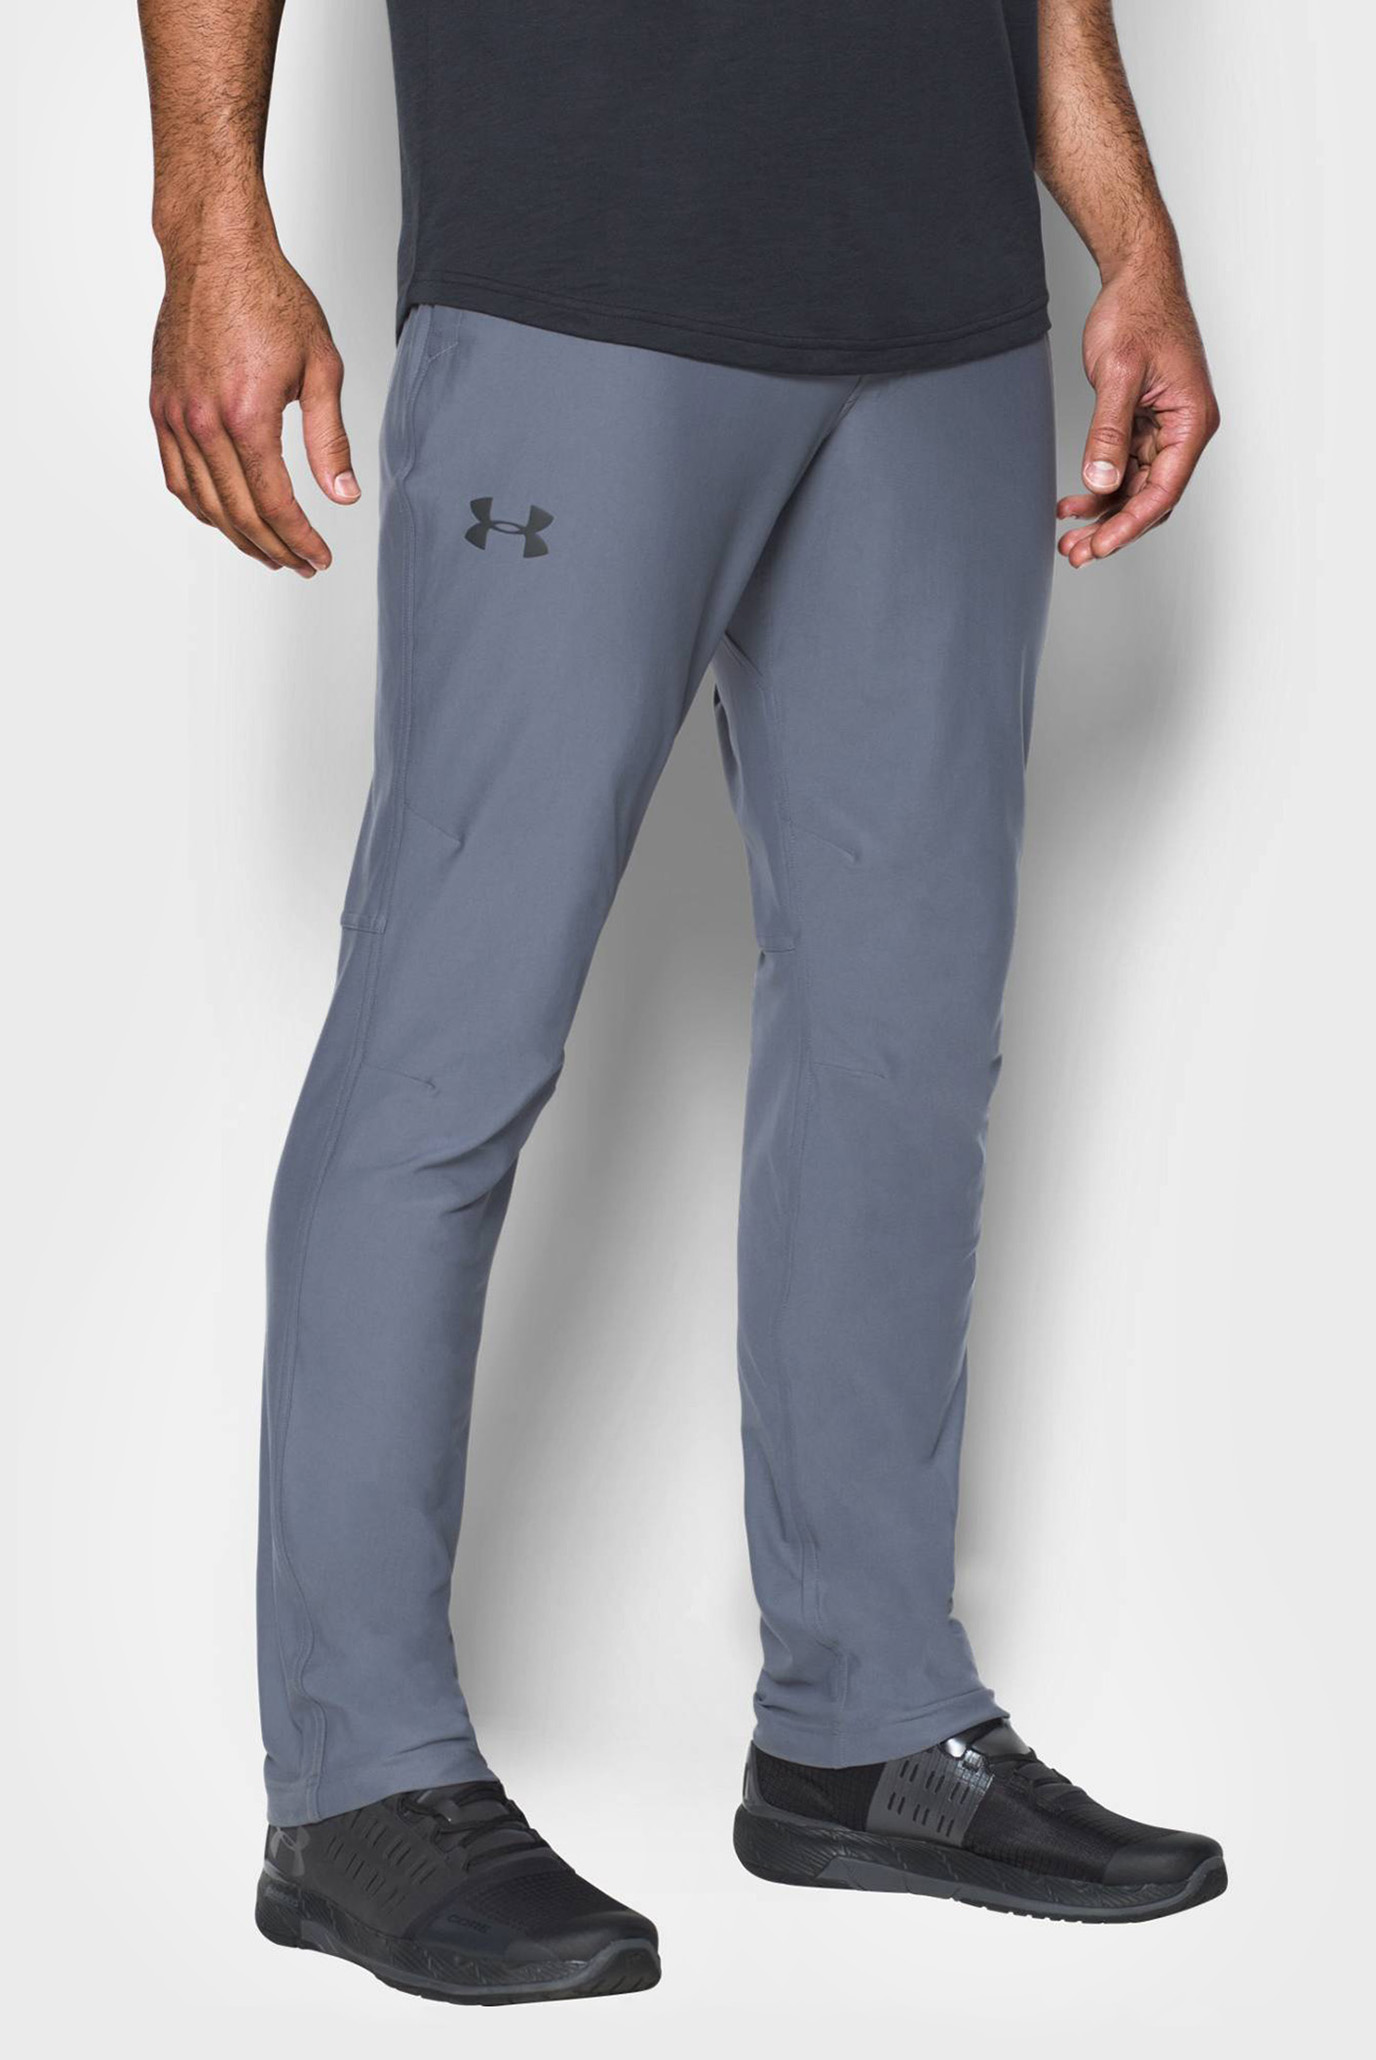 Купить Мужские серые спортивные брюки Elevated Knit Pant Under Armour Under Armour 1290355-962 – Киев, Украина. Цены в интернет магазине MD Fashion